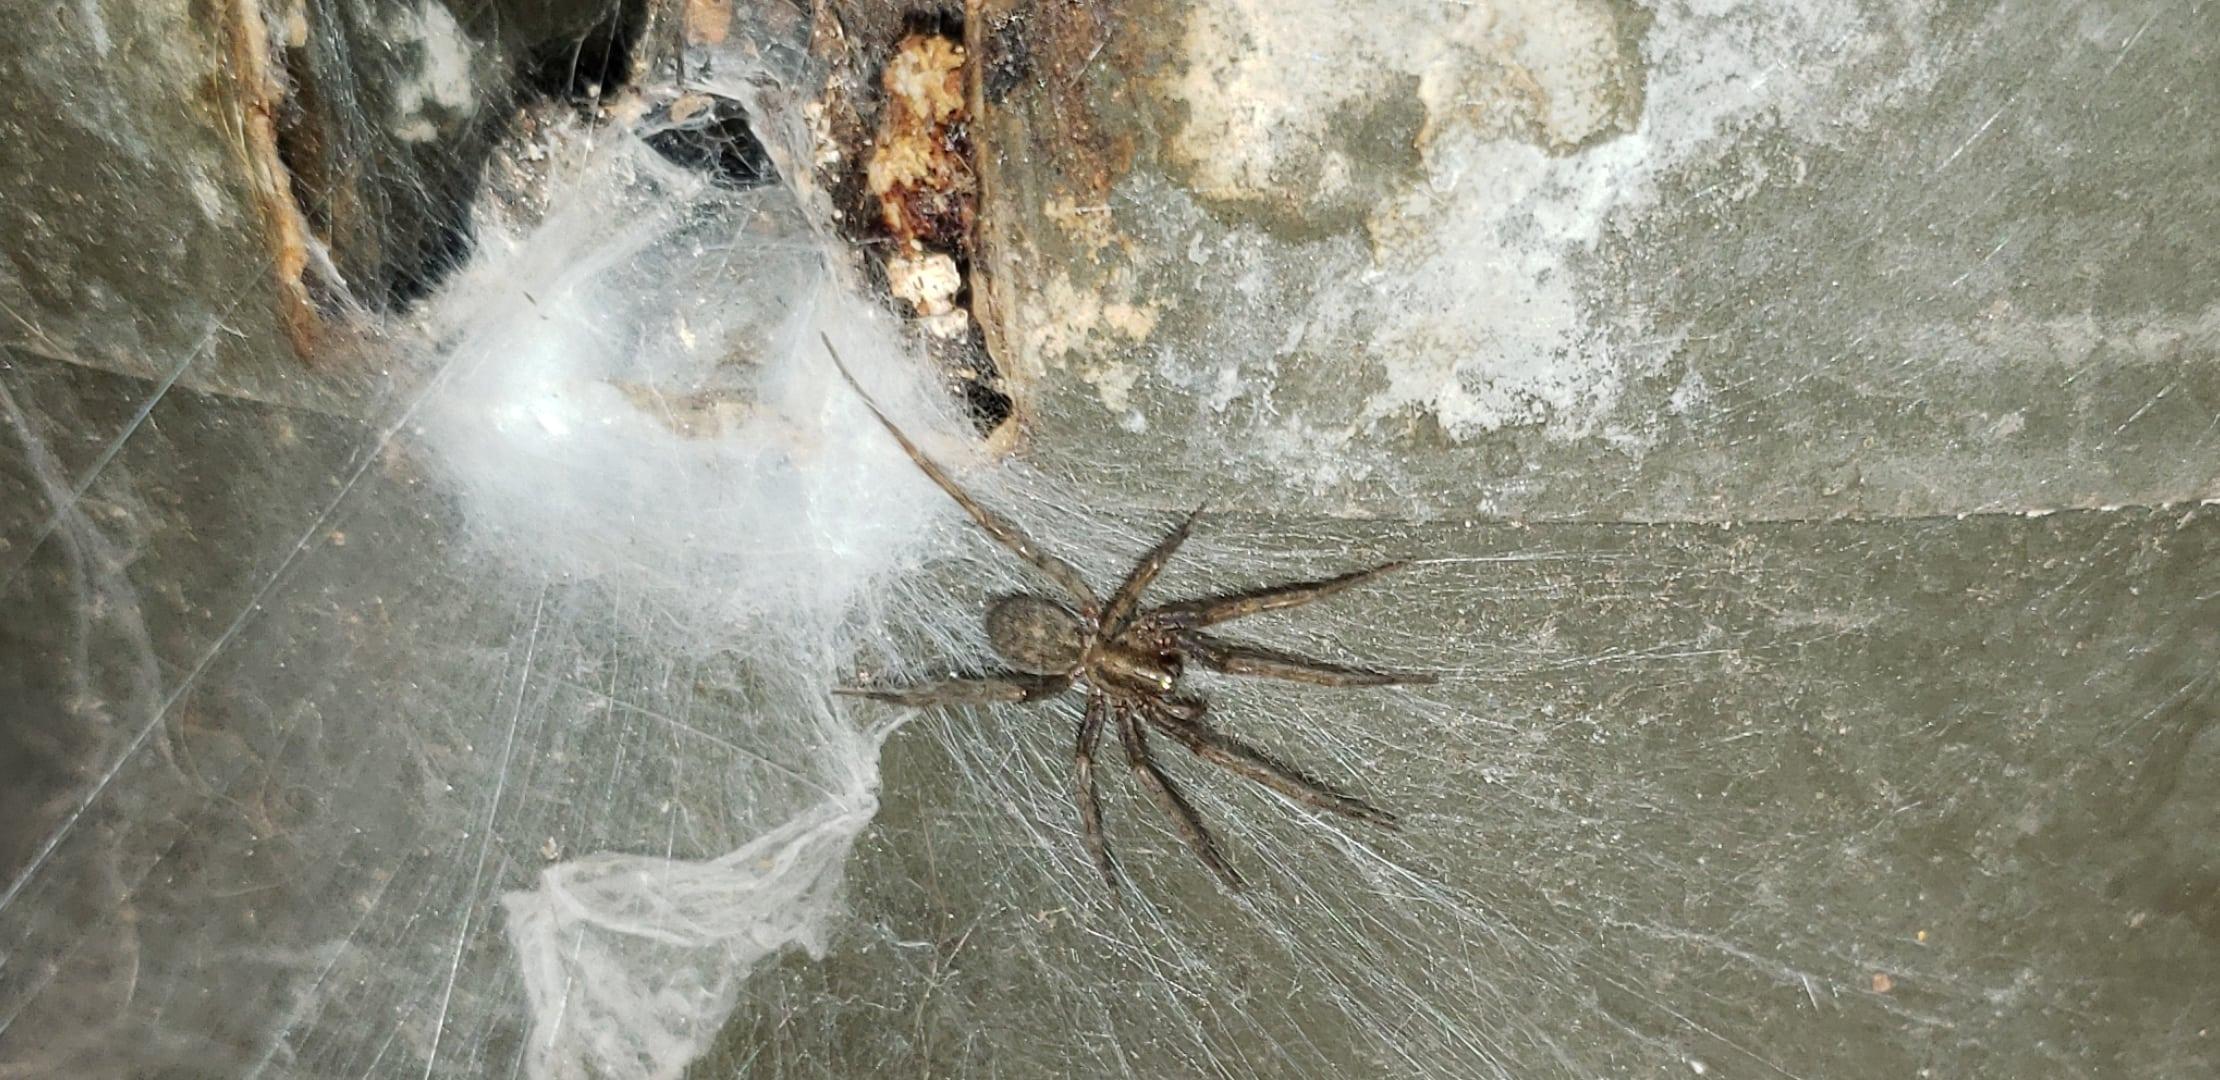 Picture of Tegenaria domestica (Barn Funnel Weaver) - Dorsal,Webs